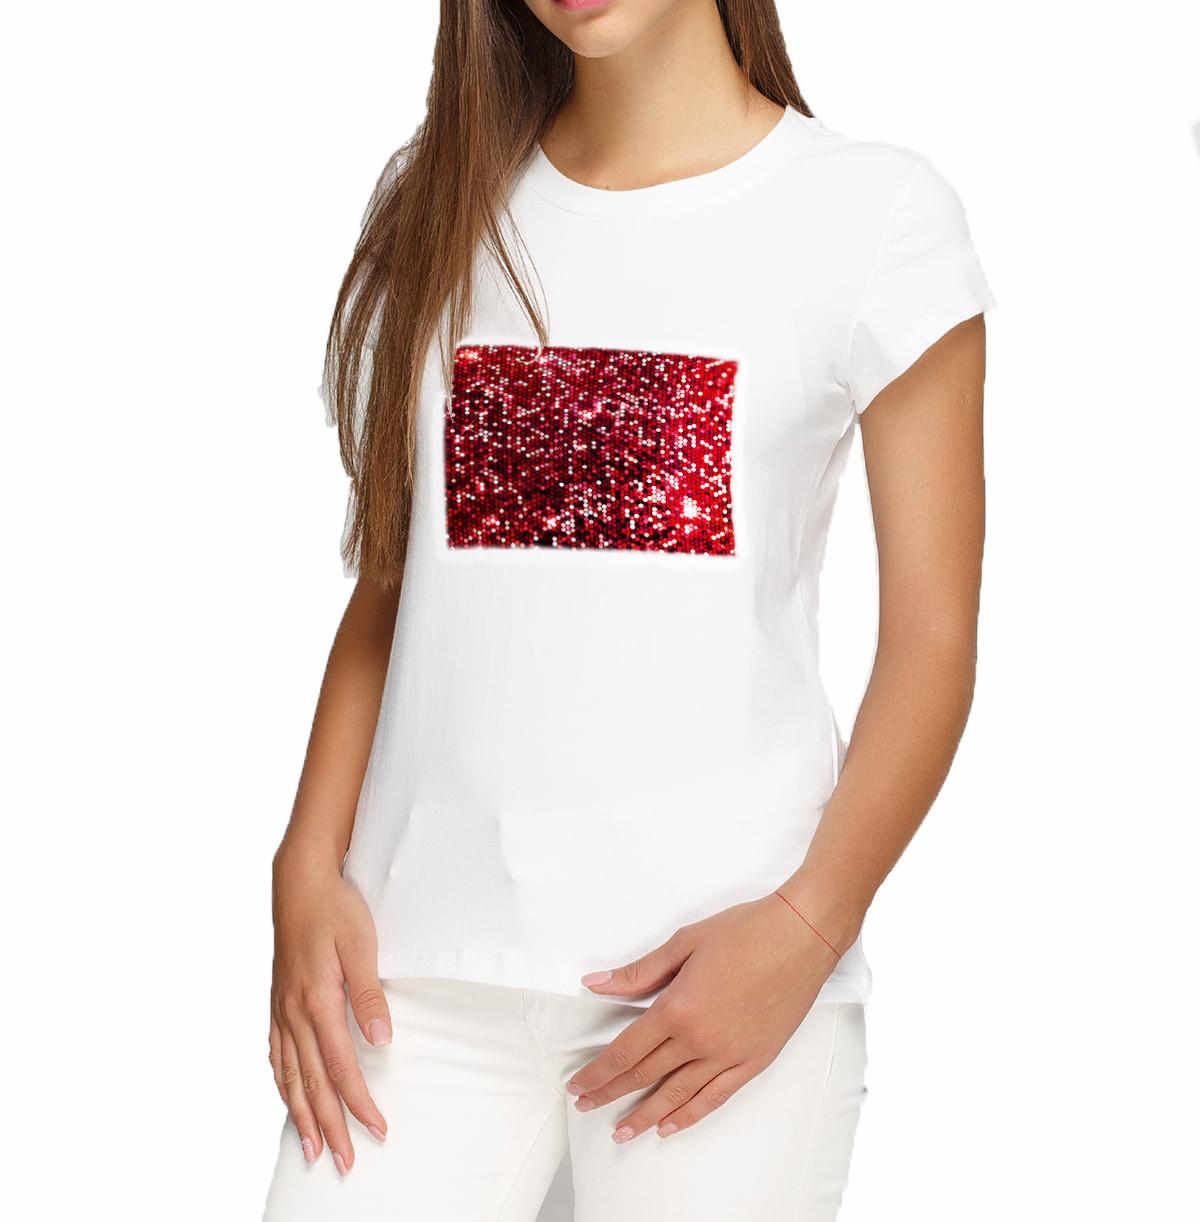 Жіноча футболка XL з паєтками кол. ЧЕРВОНИЙ для сублімації